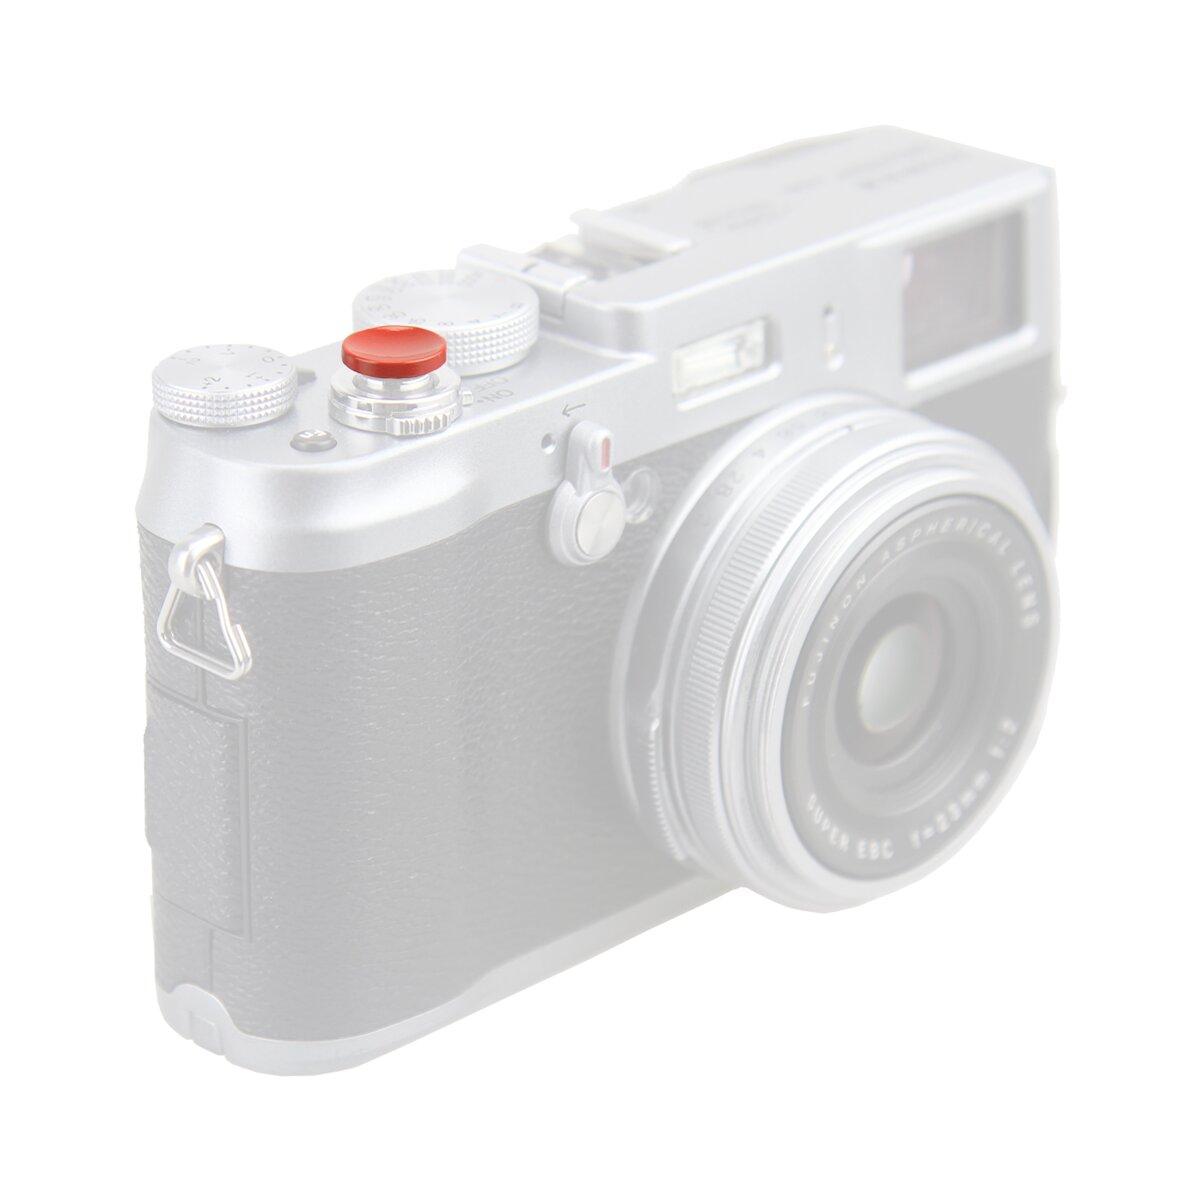 JJC Ergonomischer Auslöseknopf zum Einschrauben konkav Dunkelrot - passend als Zubehör für alle Kameras mit Gewinde im Auslöseknopf wie z.B Fujifilm, Leica, Canon, Nikon, Sony, Olympus u.v.m